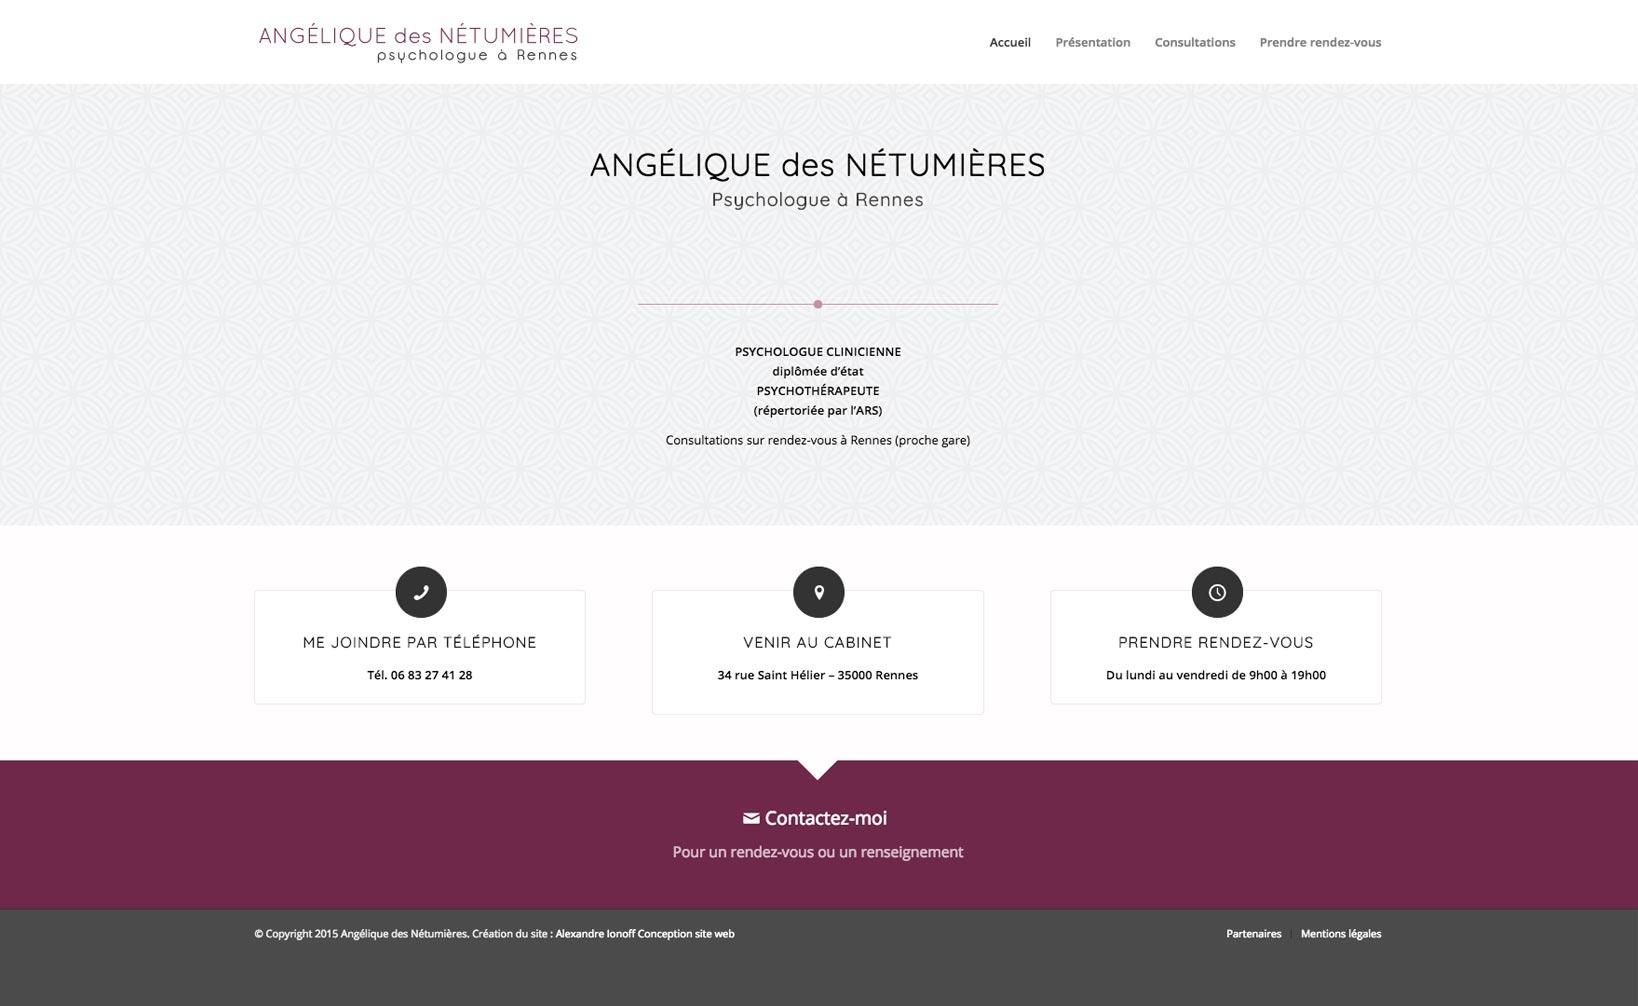 Site web Angélique des Nétumières - vue desktop 1